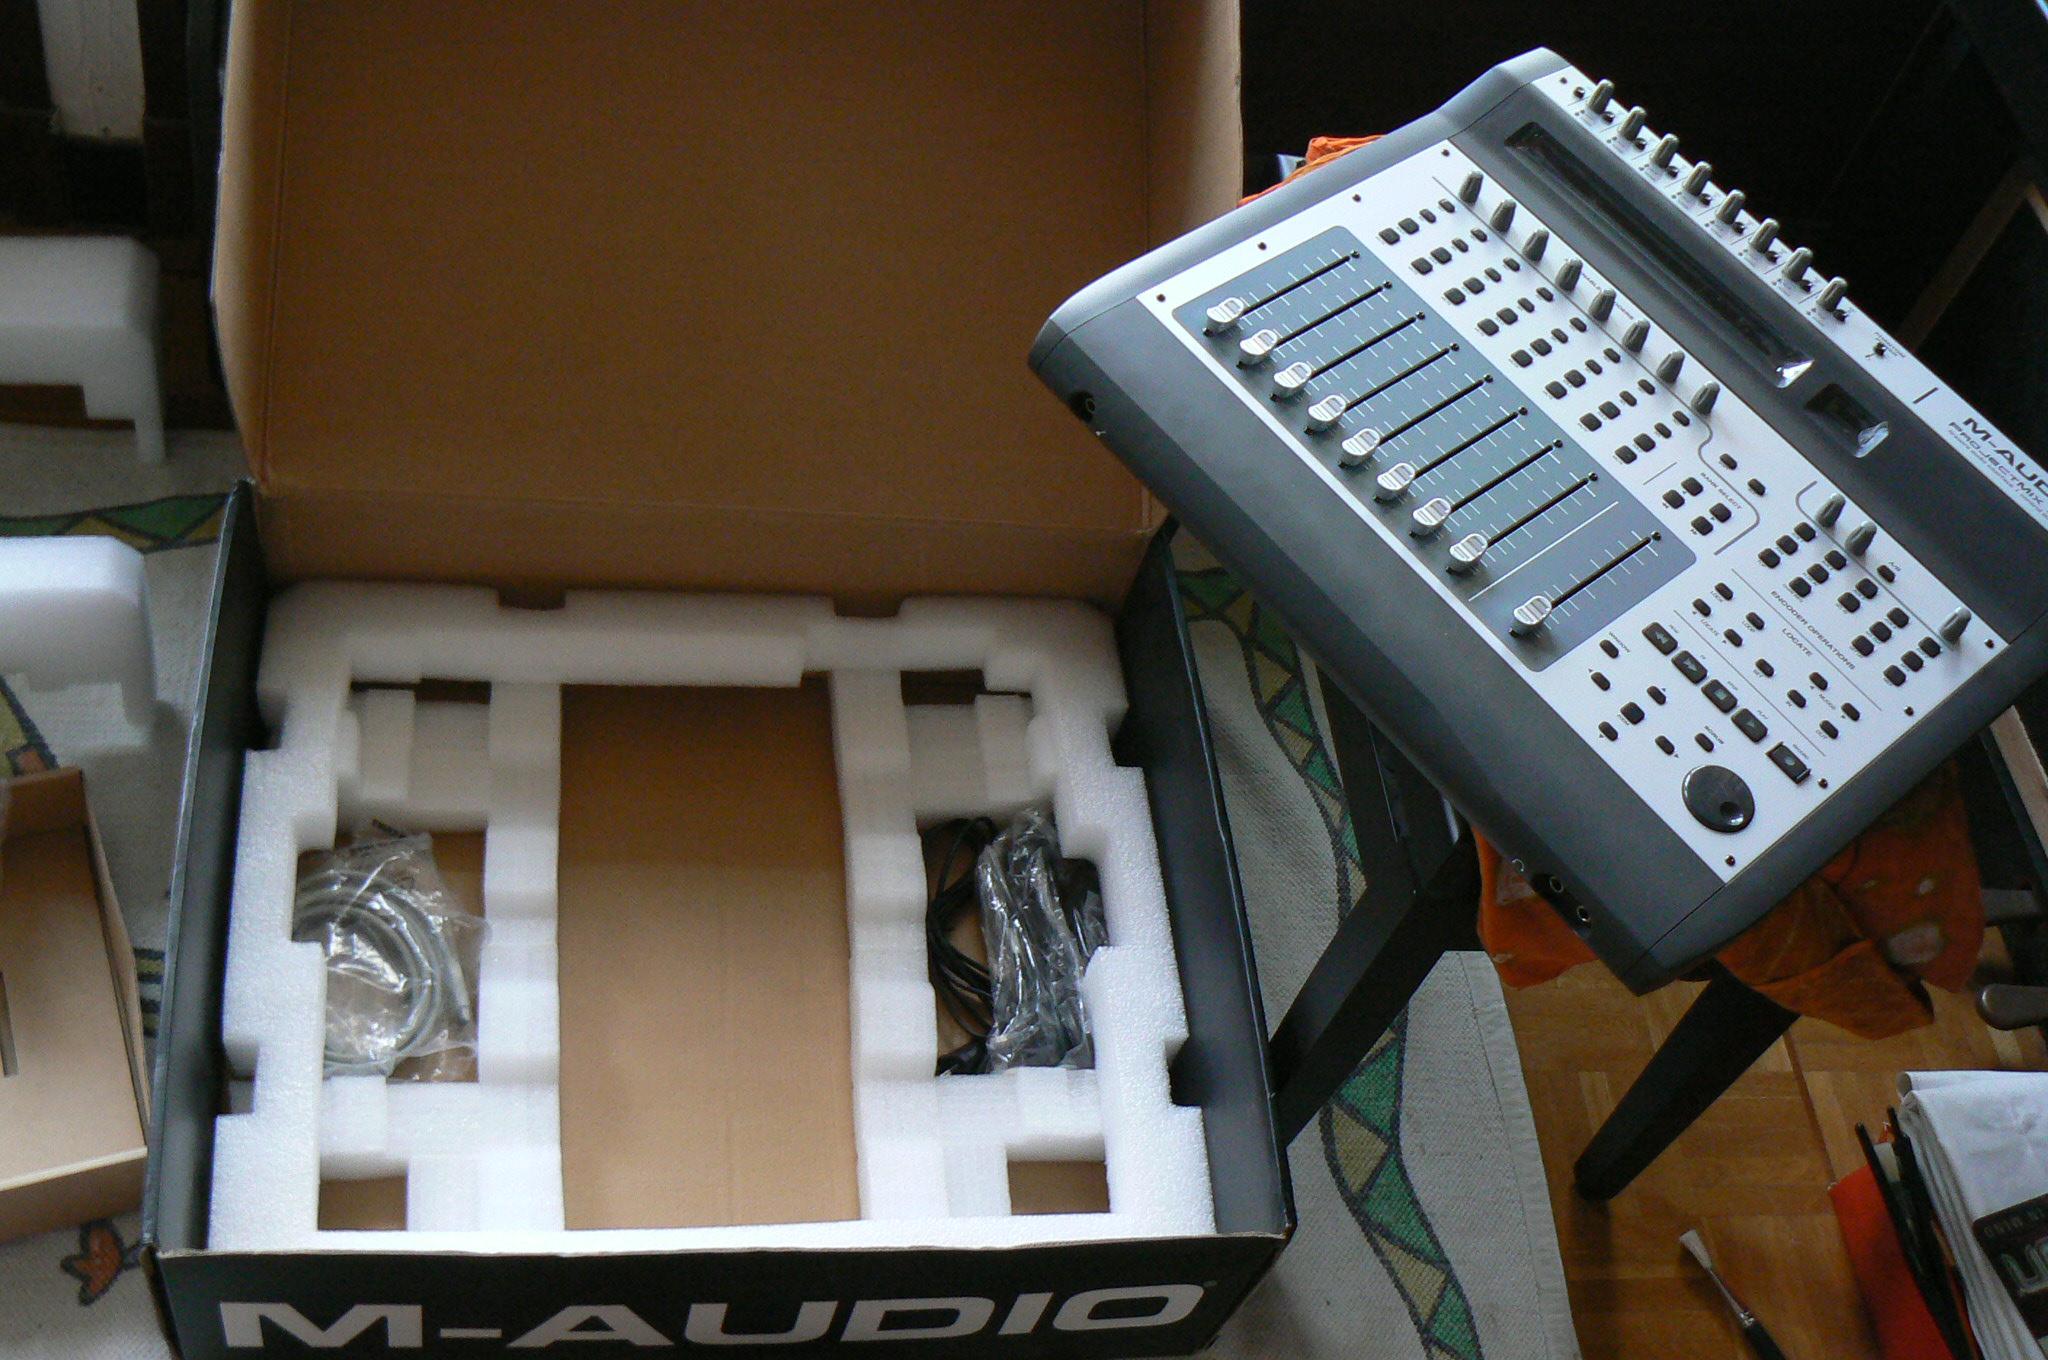 m audio projectmix i o image 517632 audiofanzine rh en audiofanzine com m-audio projectmix i/o user manual m-audio projectmix i/o manual